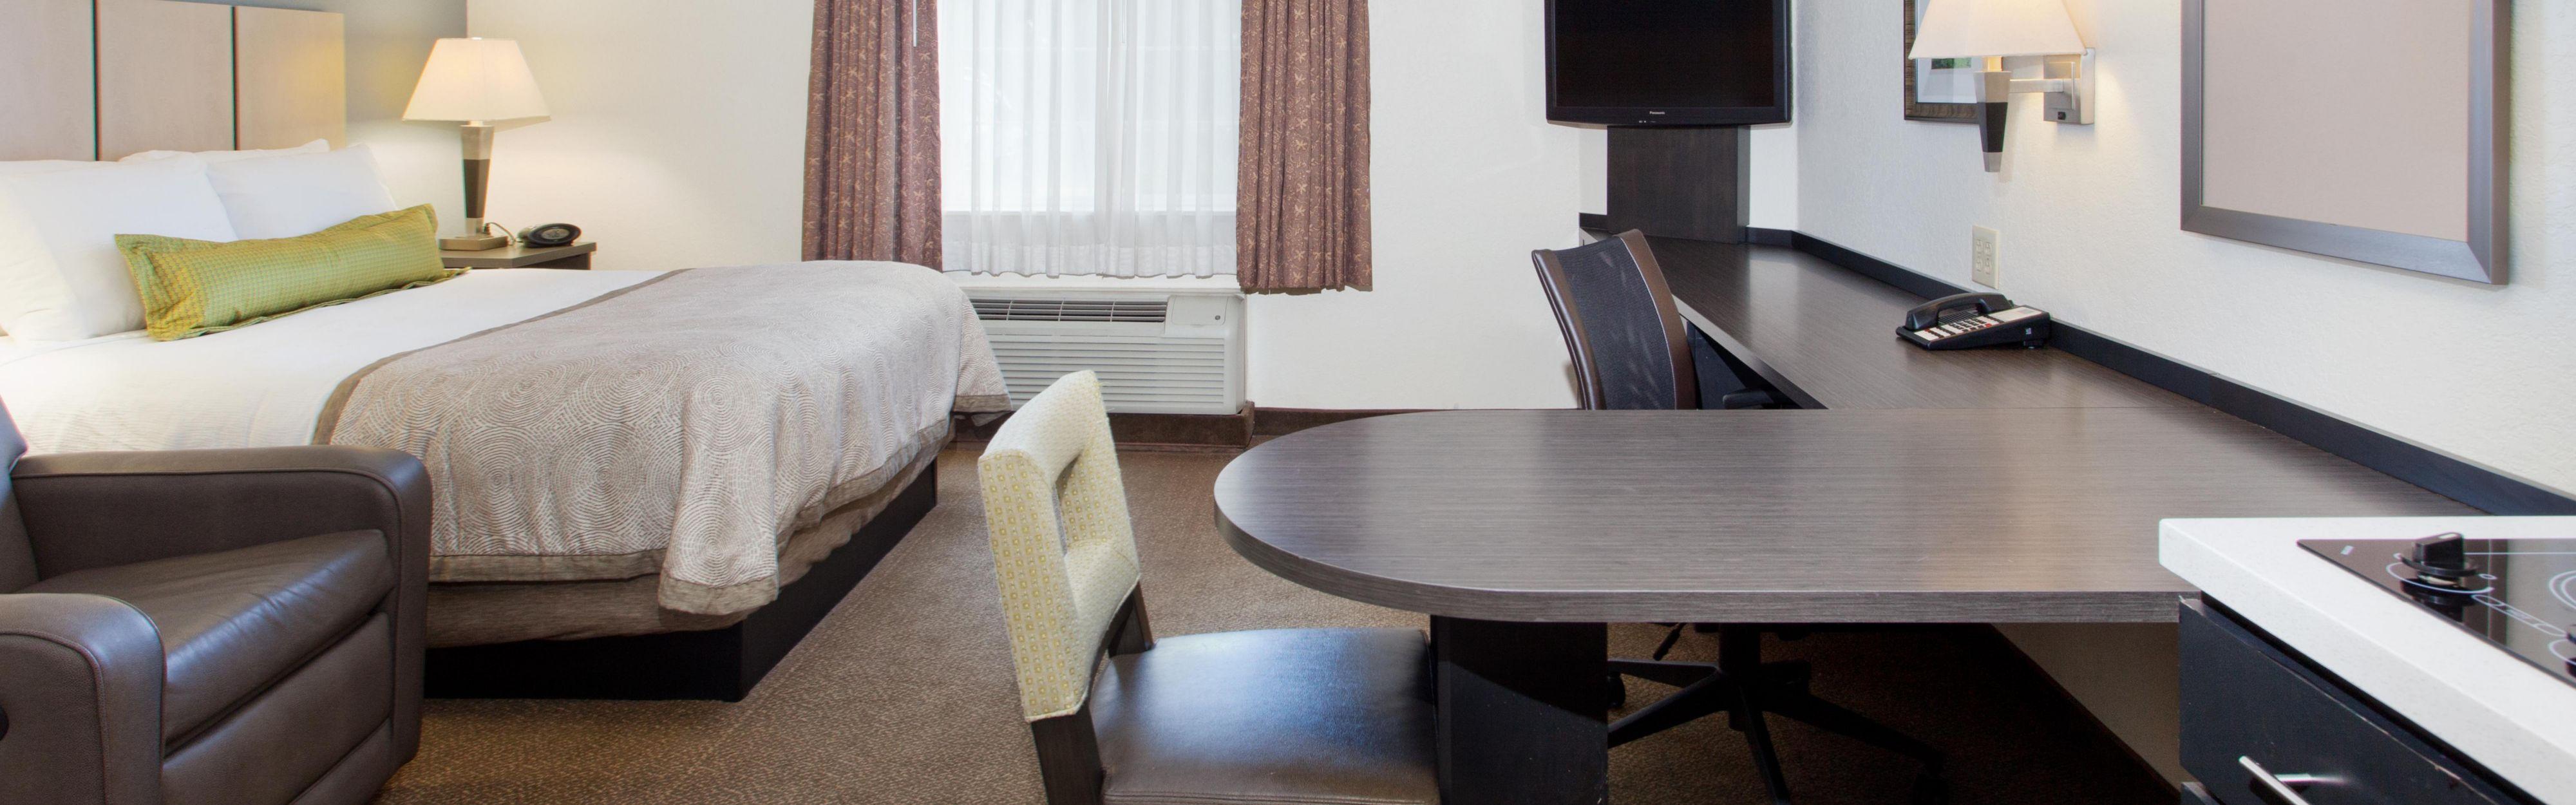 Candlewood Suites Albuquerque image 1